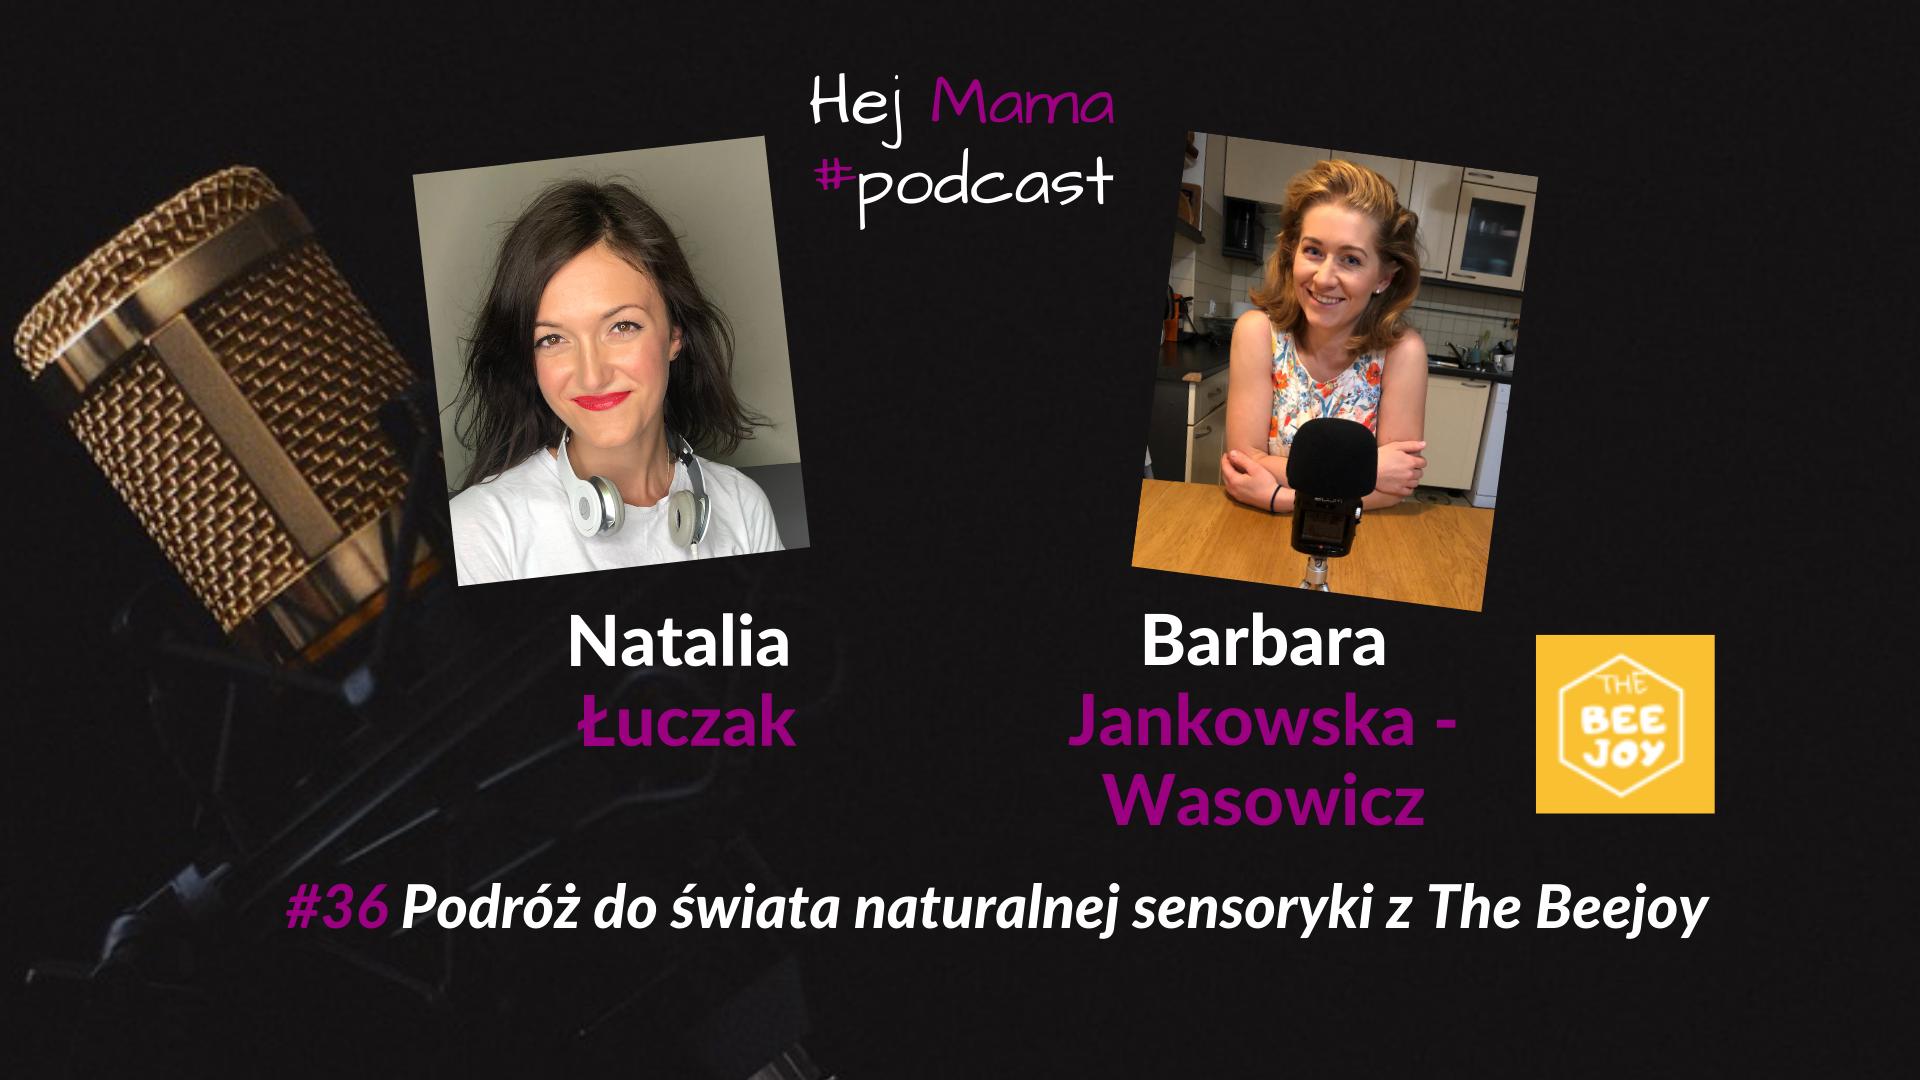 #36 – Podróż do świata naturalnej sensoryki z The Beejoy – rozmowa z Barbarą Jankowską Wąsowicz